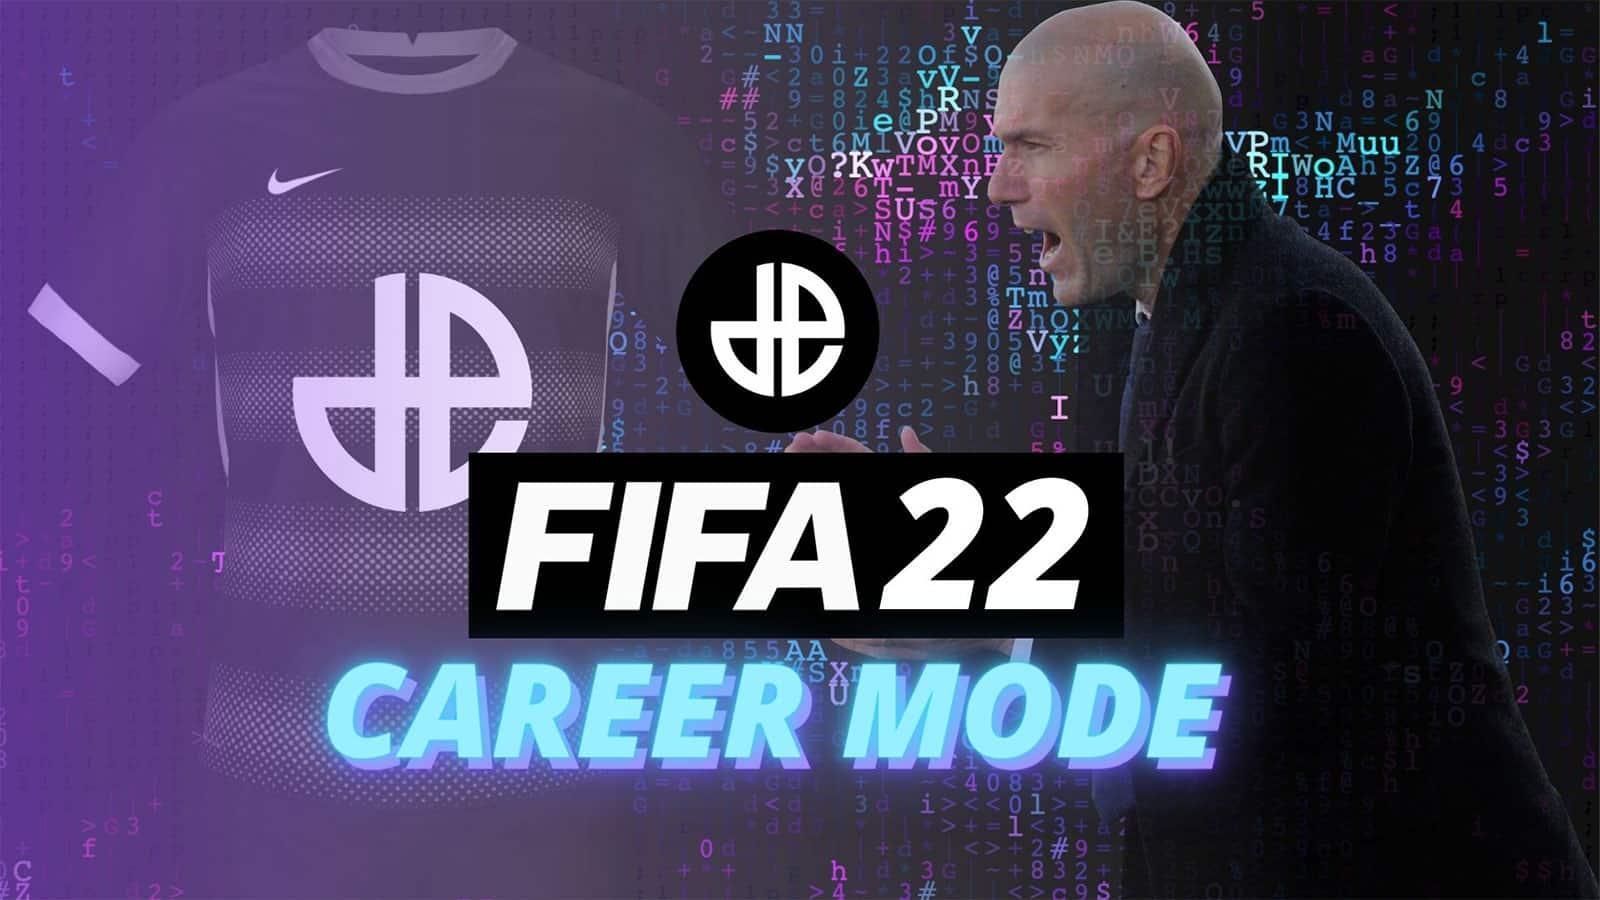 بخش کریرمود FIFA 22 چه تغییراتی کرده است؟!